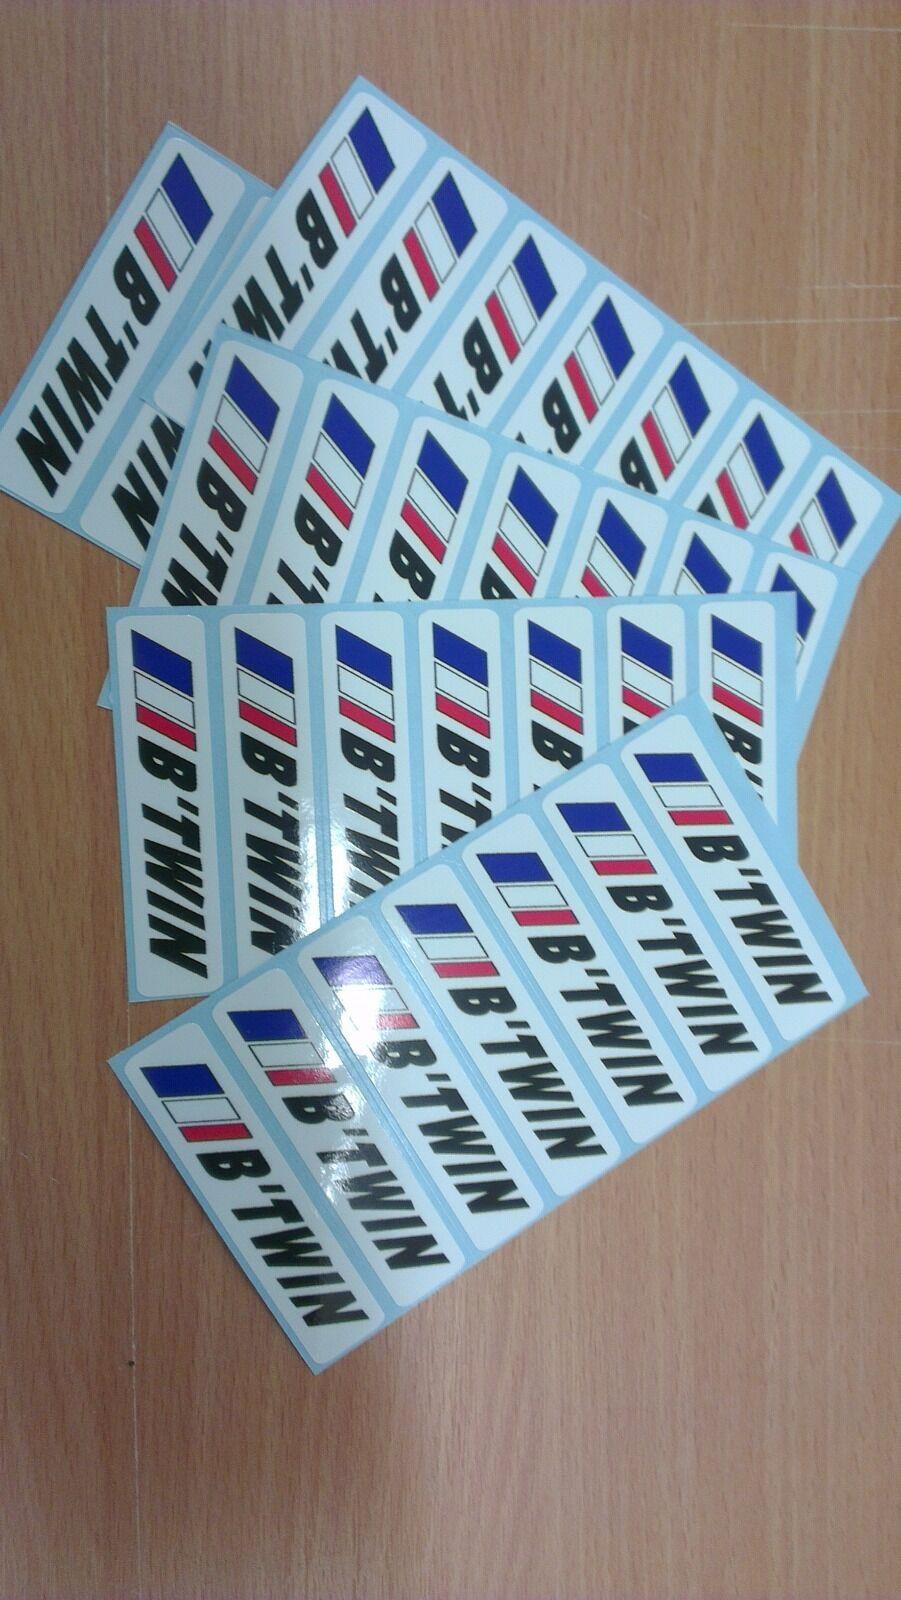 20 drapeau Stickers Autocollants nom texte personnalisé drapeau 20 France vélo cadre course d38af5